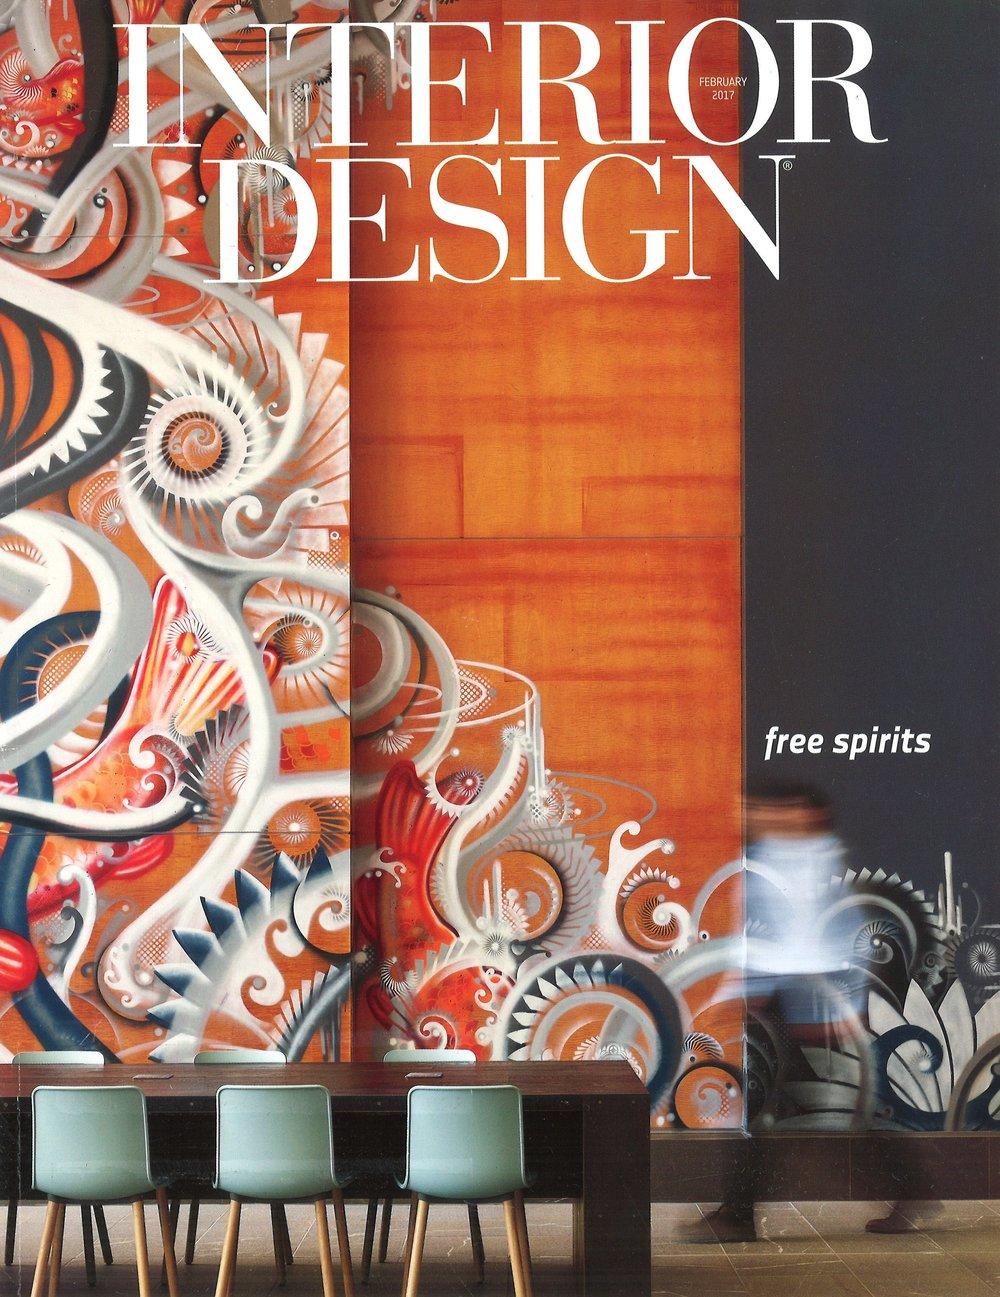 ID feb17 cover.jpg